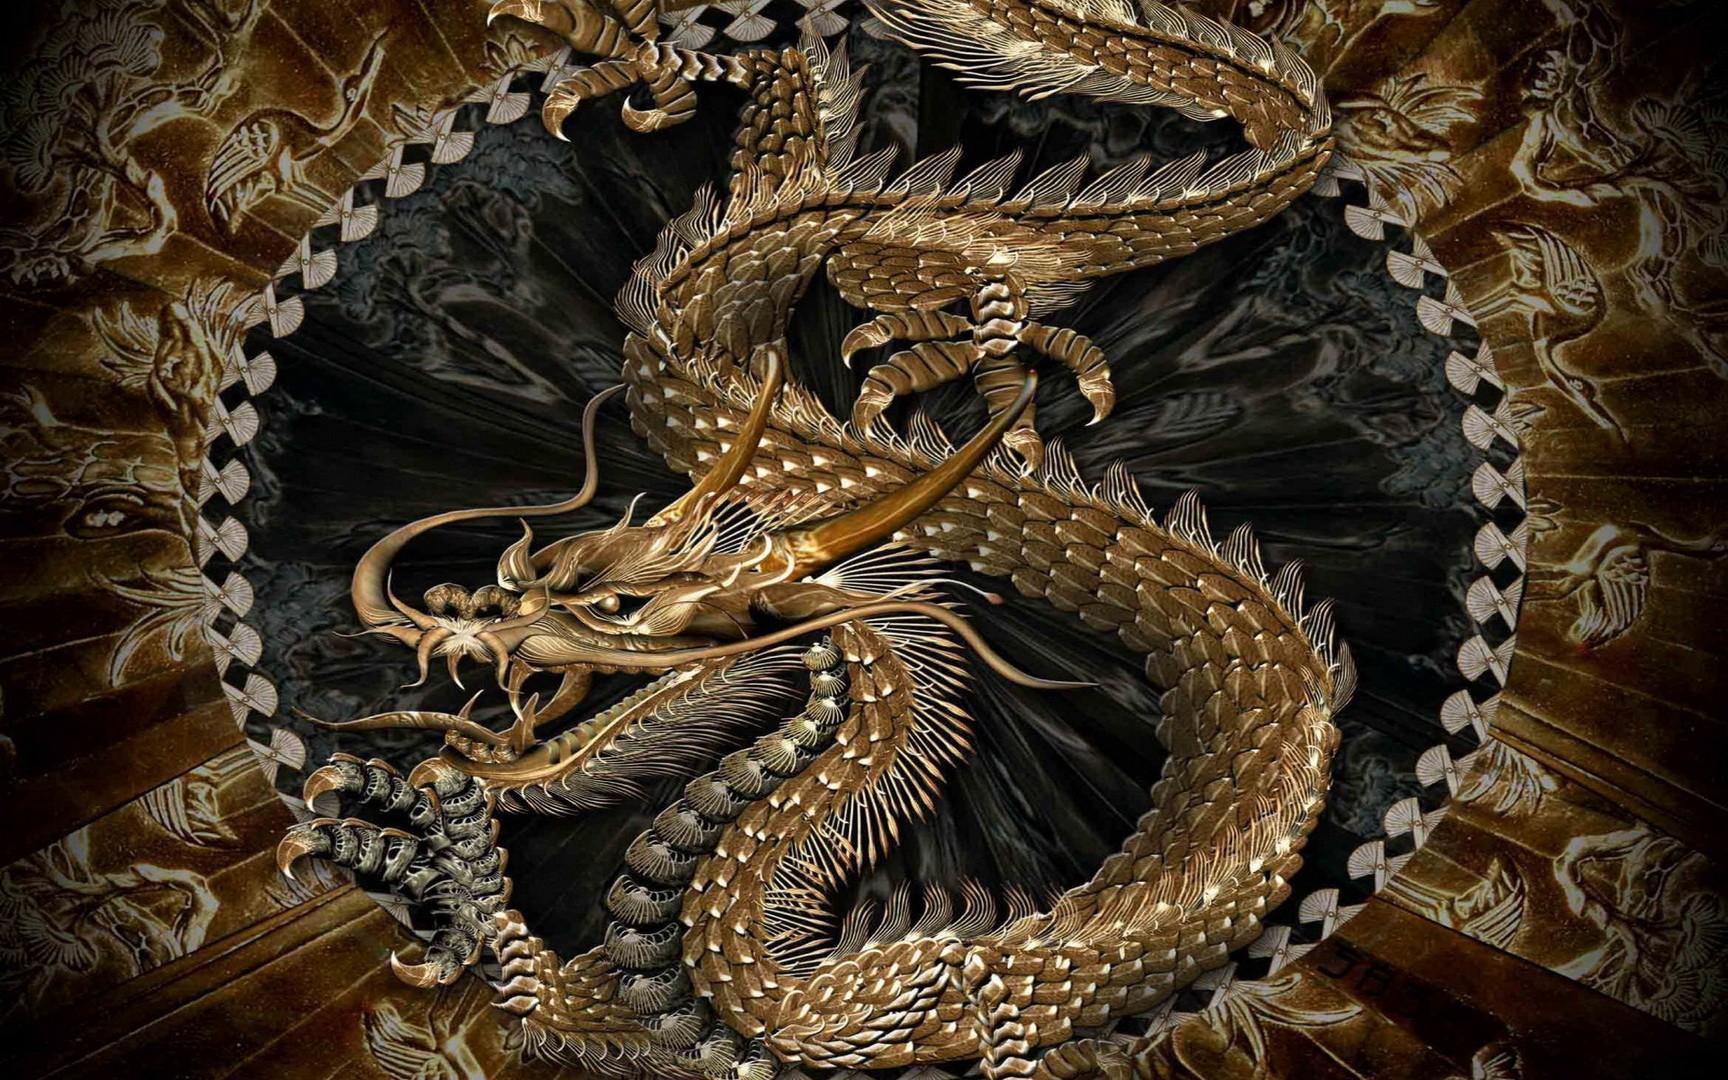 черный дракон китайский картинки доме вдруг